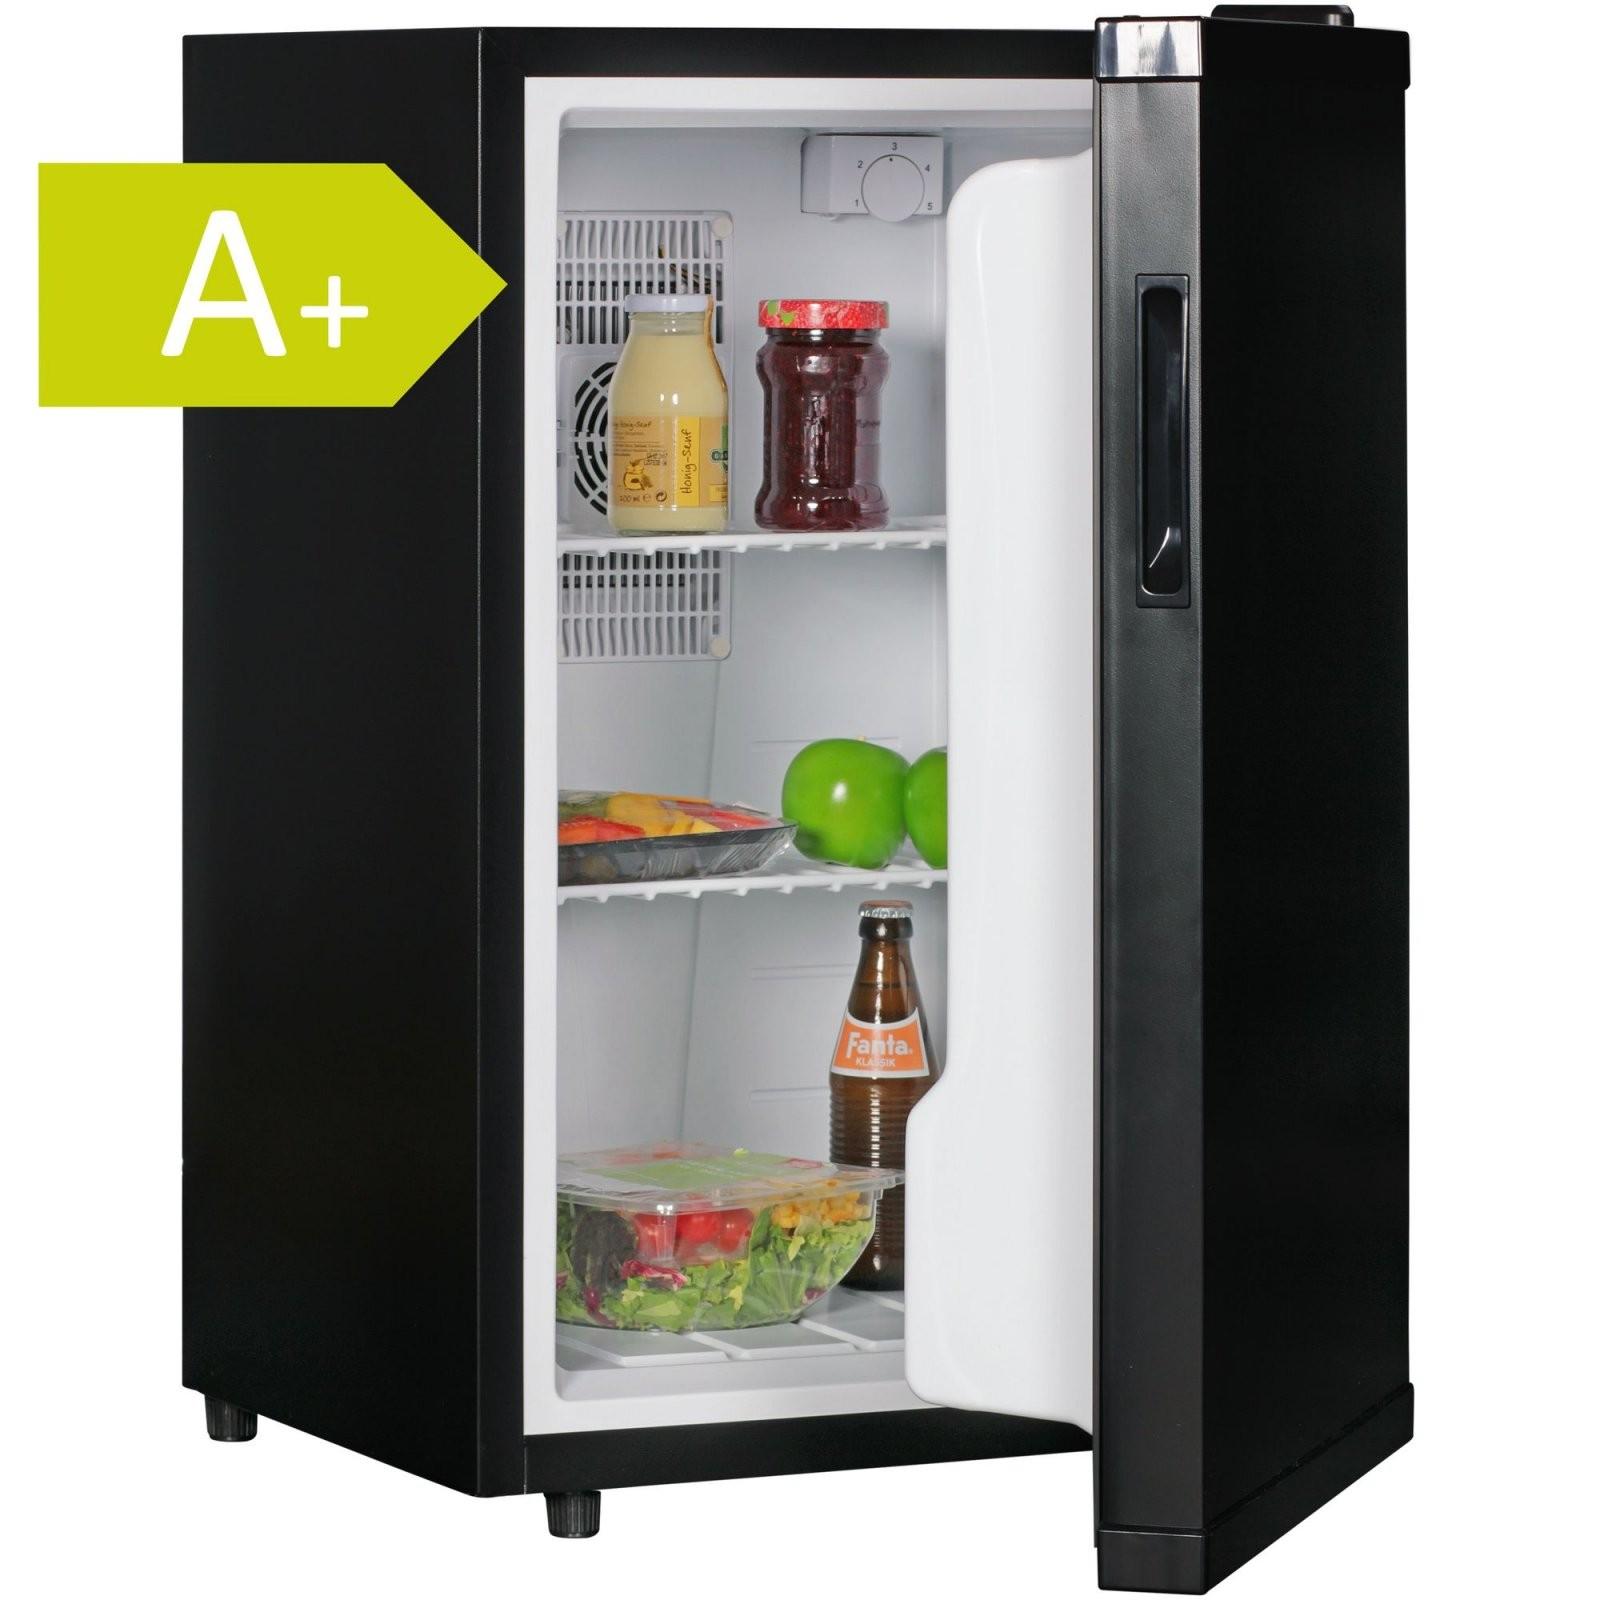 Amstyle Mini Kühlschrank 65 Liter Kleiner Kühlschrank Schwarz von Kühlschrank Ohne Gefrierfach Freistehend Bild